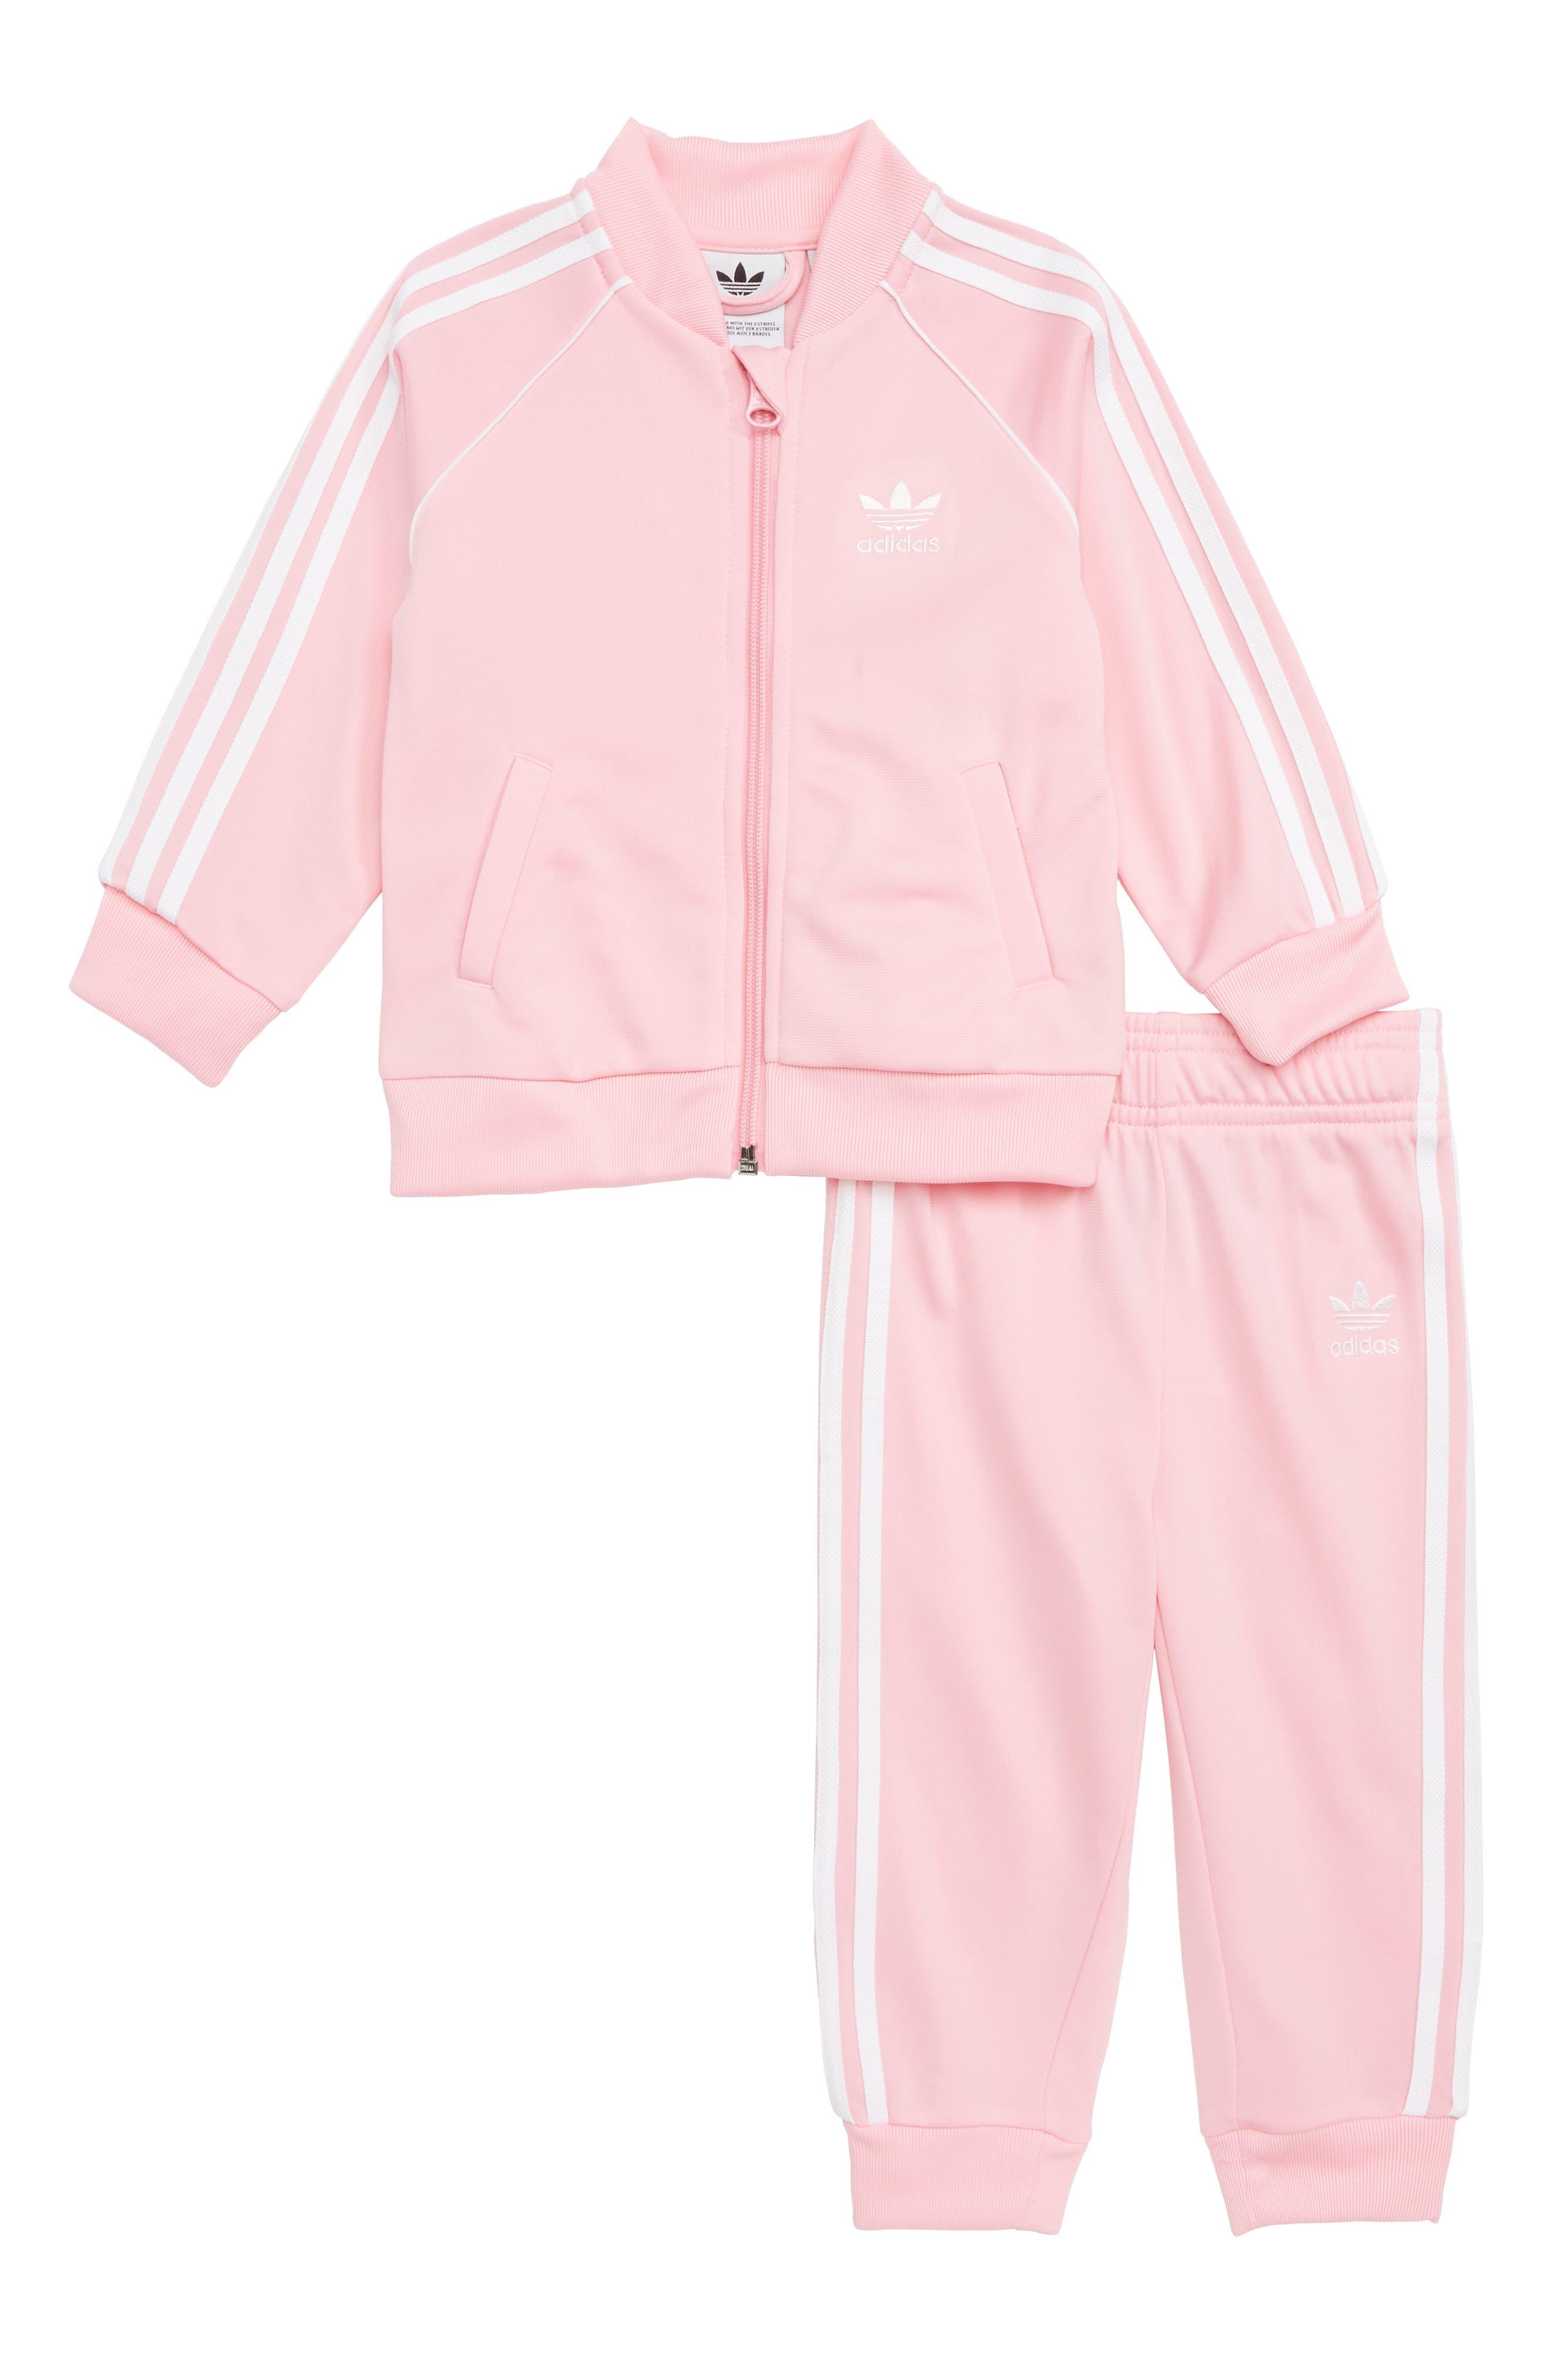 Superstar Track Jacket & Pants Gift Set,                         Main,                         color, PINK/ WHITE